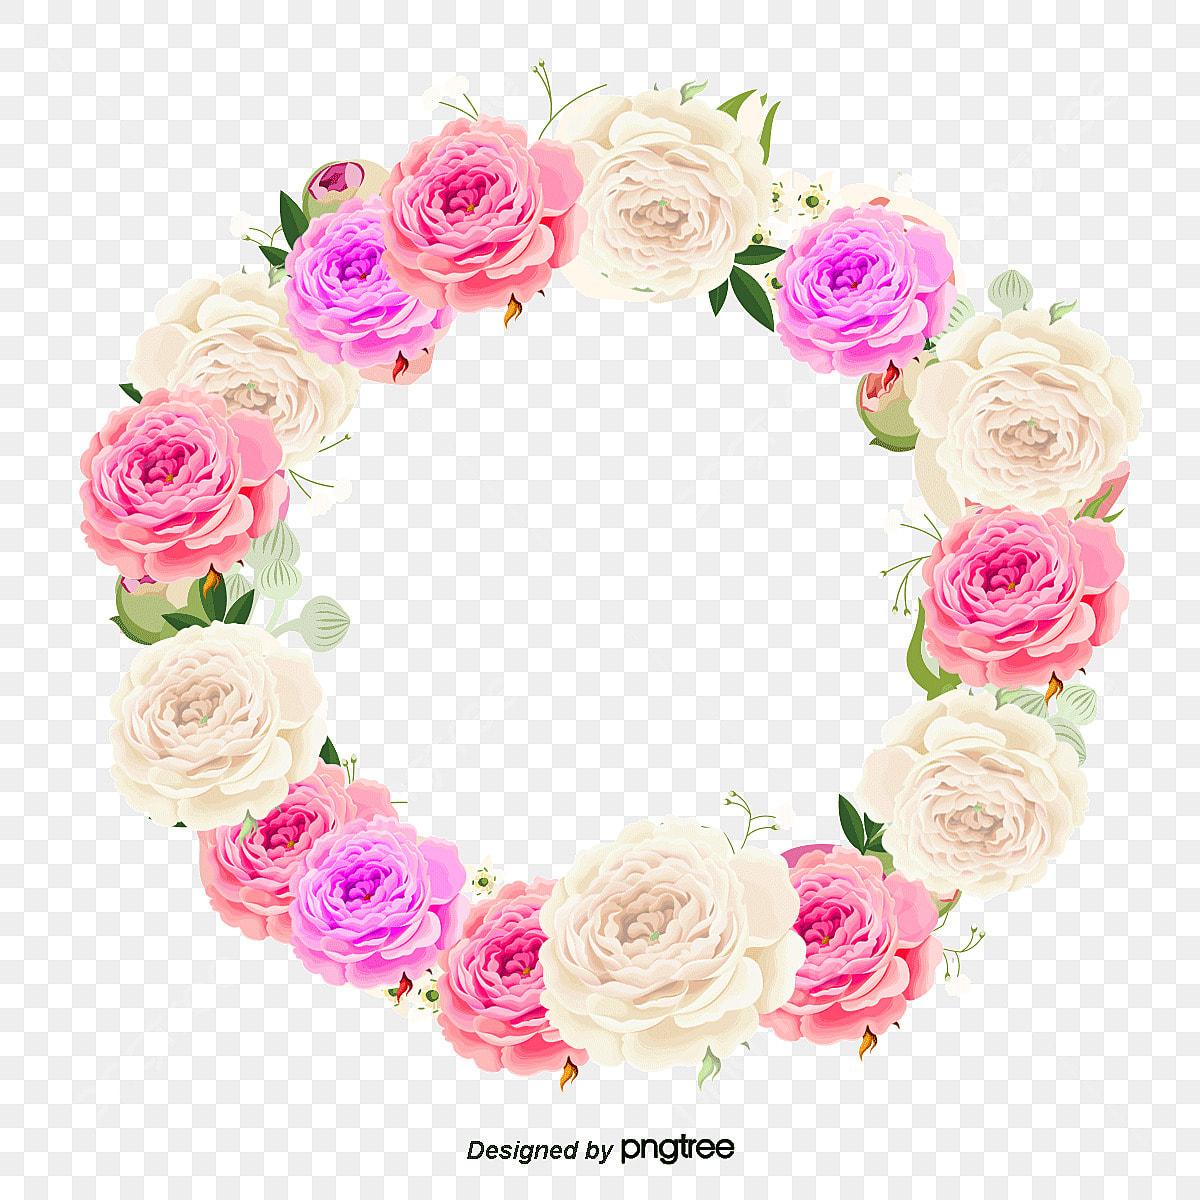 couronne de vecteur couronne fleur aquarelle fichier png et psd pour le t u00e9l u00e9chargement libre